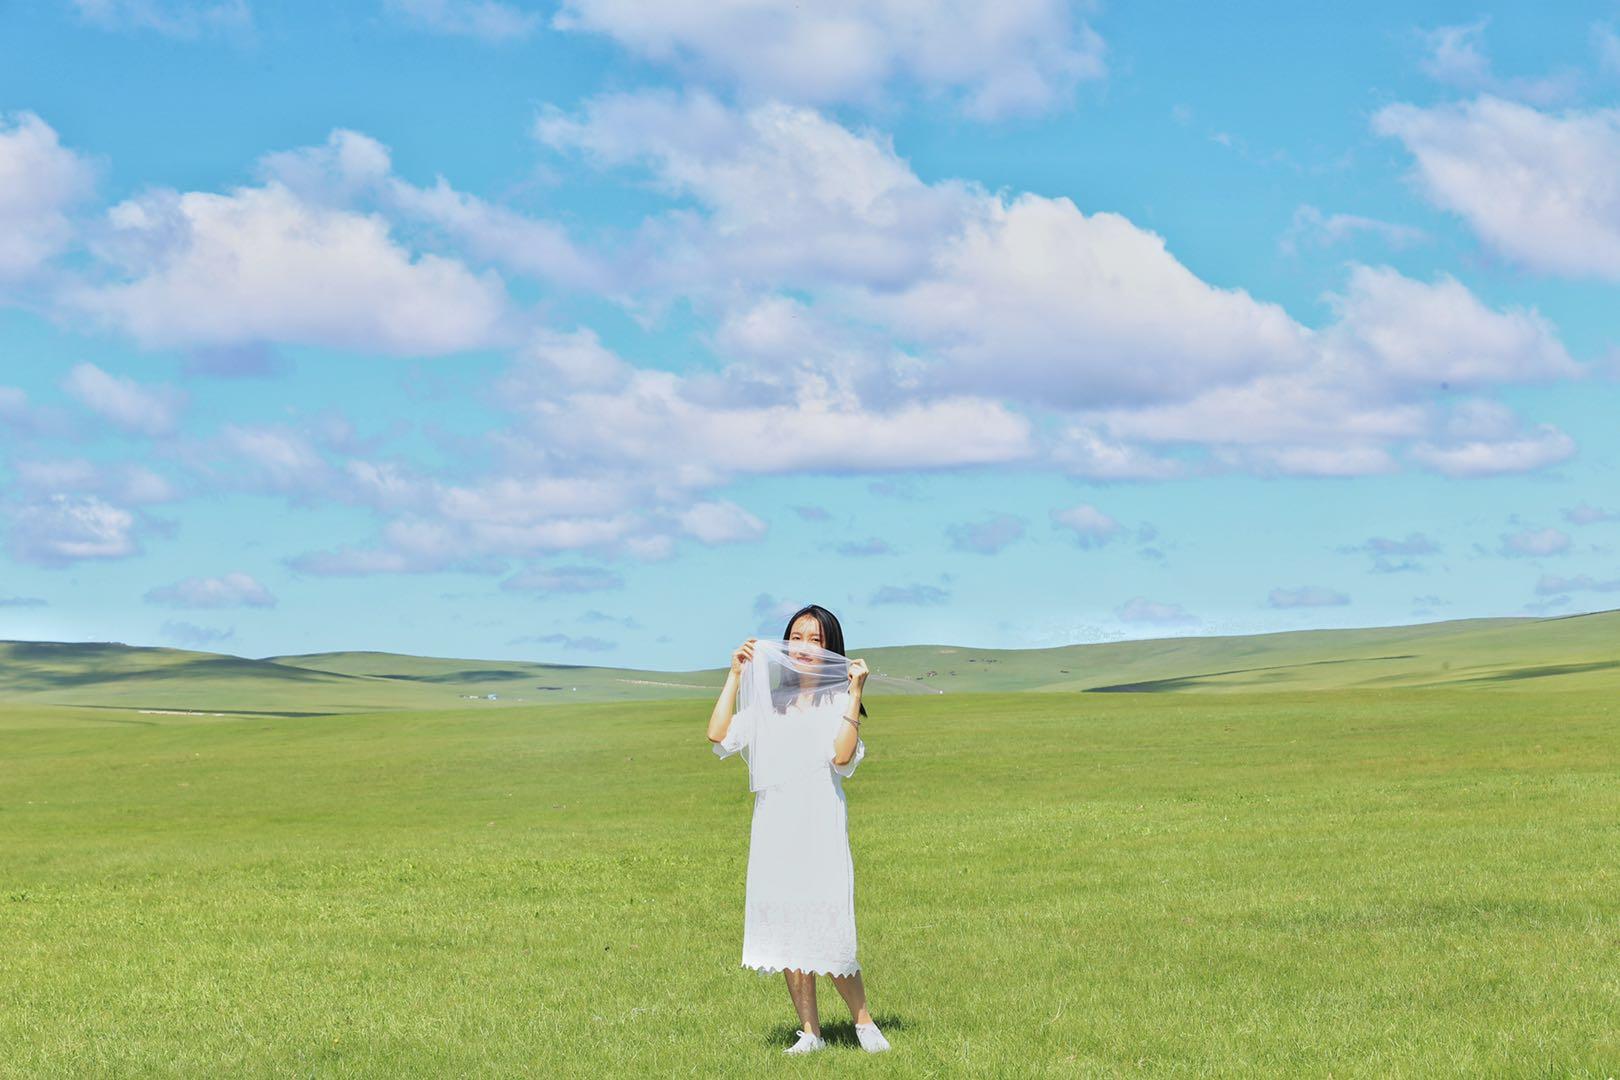 最美内蒙古草原旅游—呼伦贝尔亲子旅游包,呼伦贝尔旅游滚球bet365yazhou_足球滚球365_365滚球手机客户